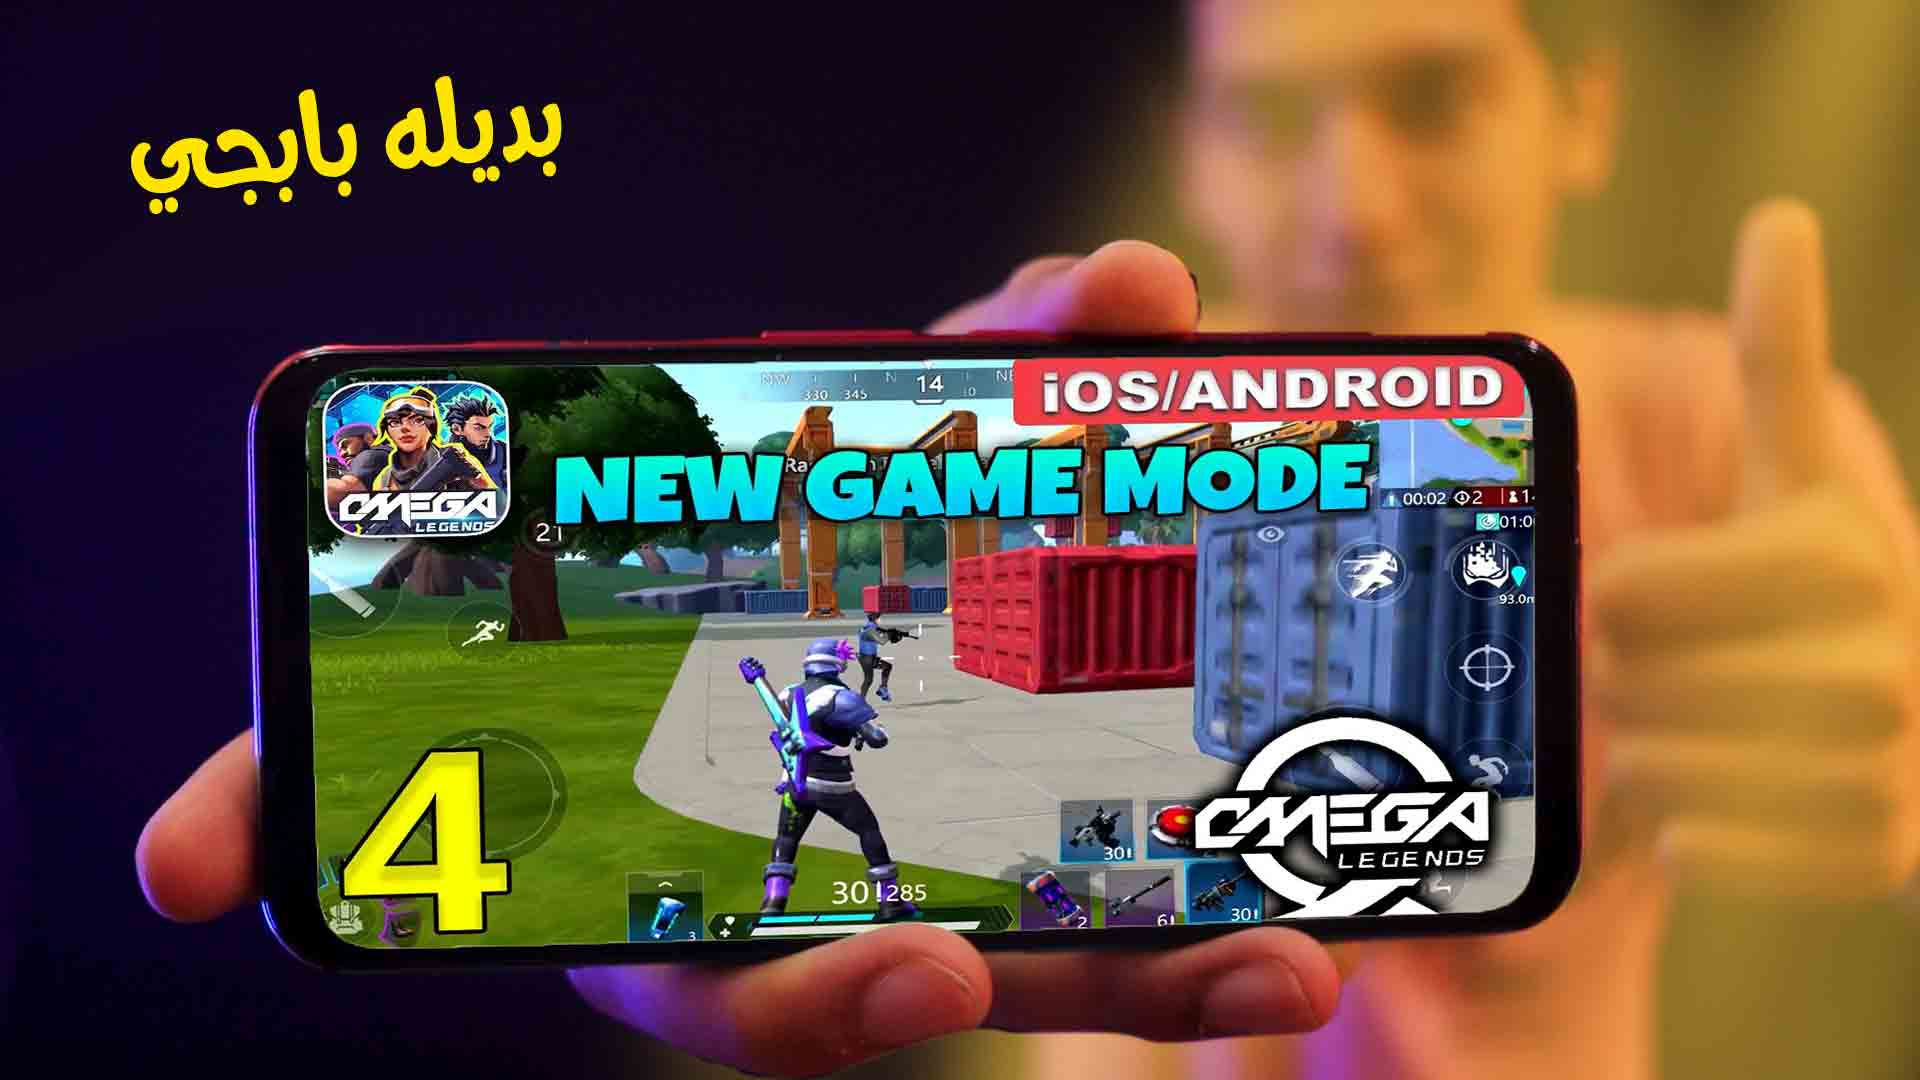 اللعبة الشبهية للعبة ببجي موبايل Omega Legends للاندرويد والايفون